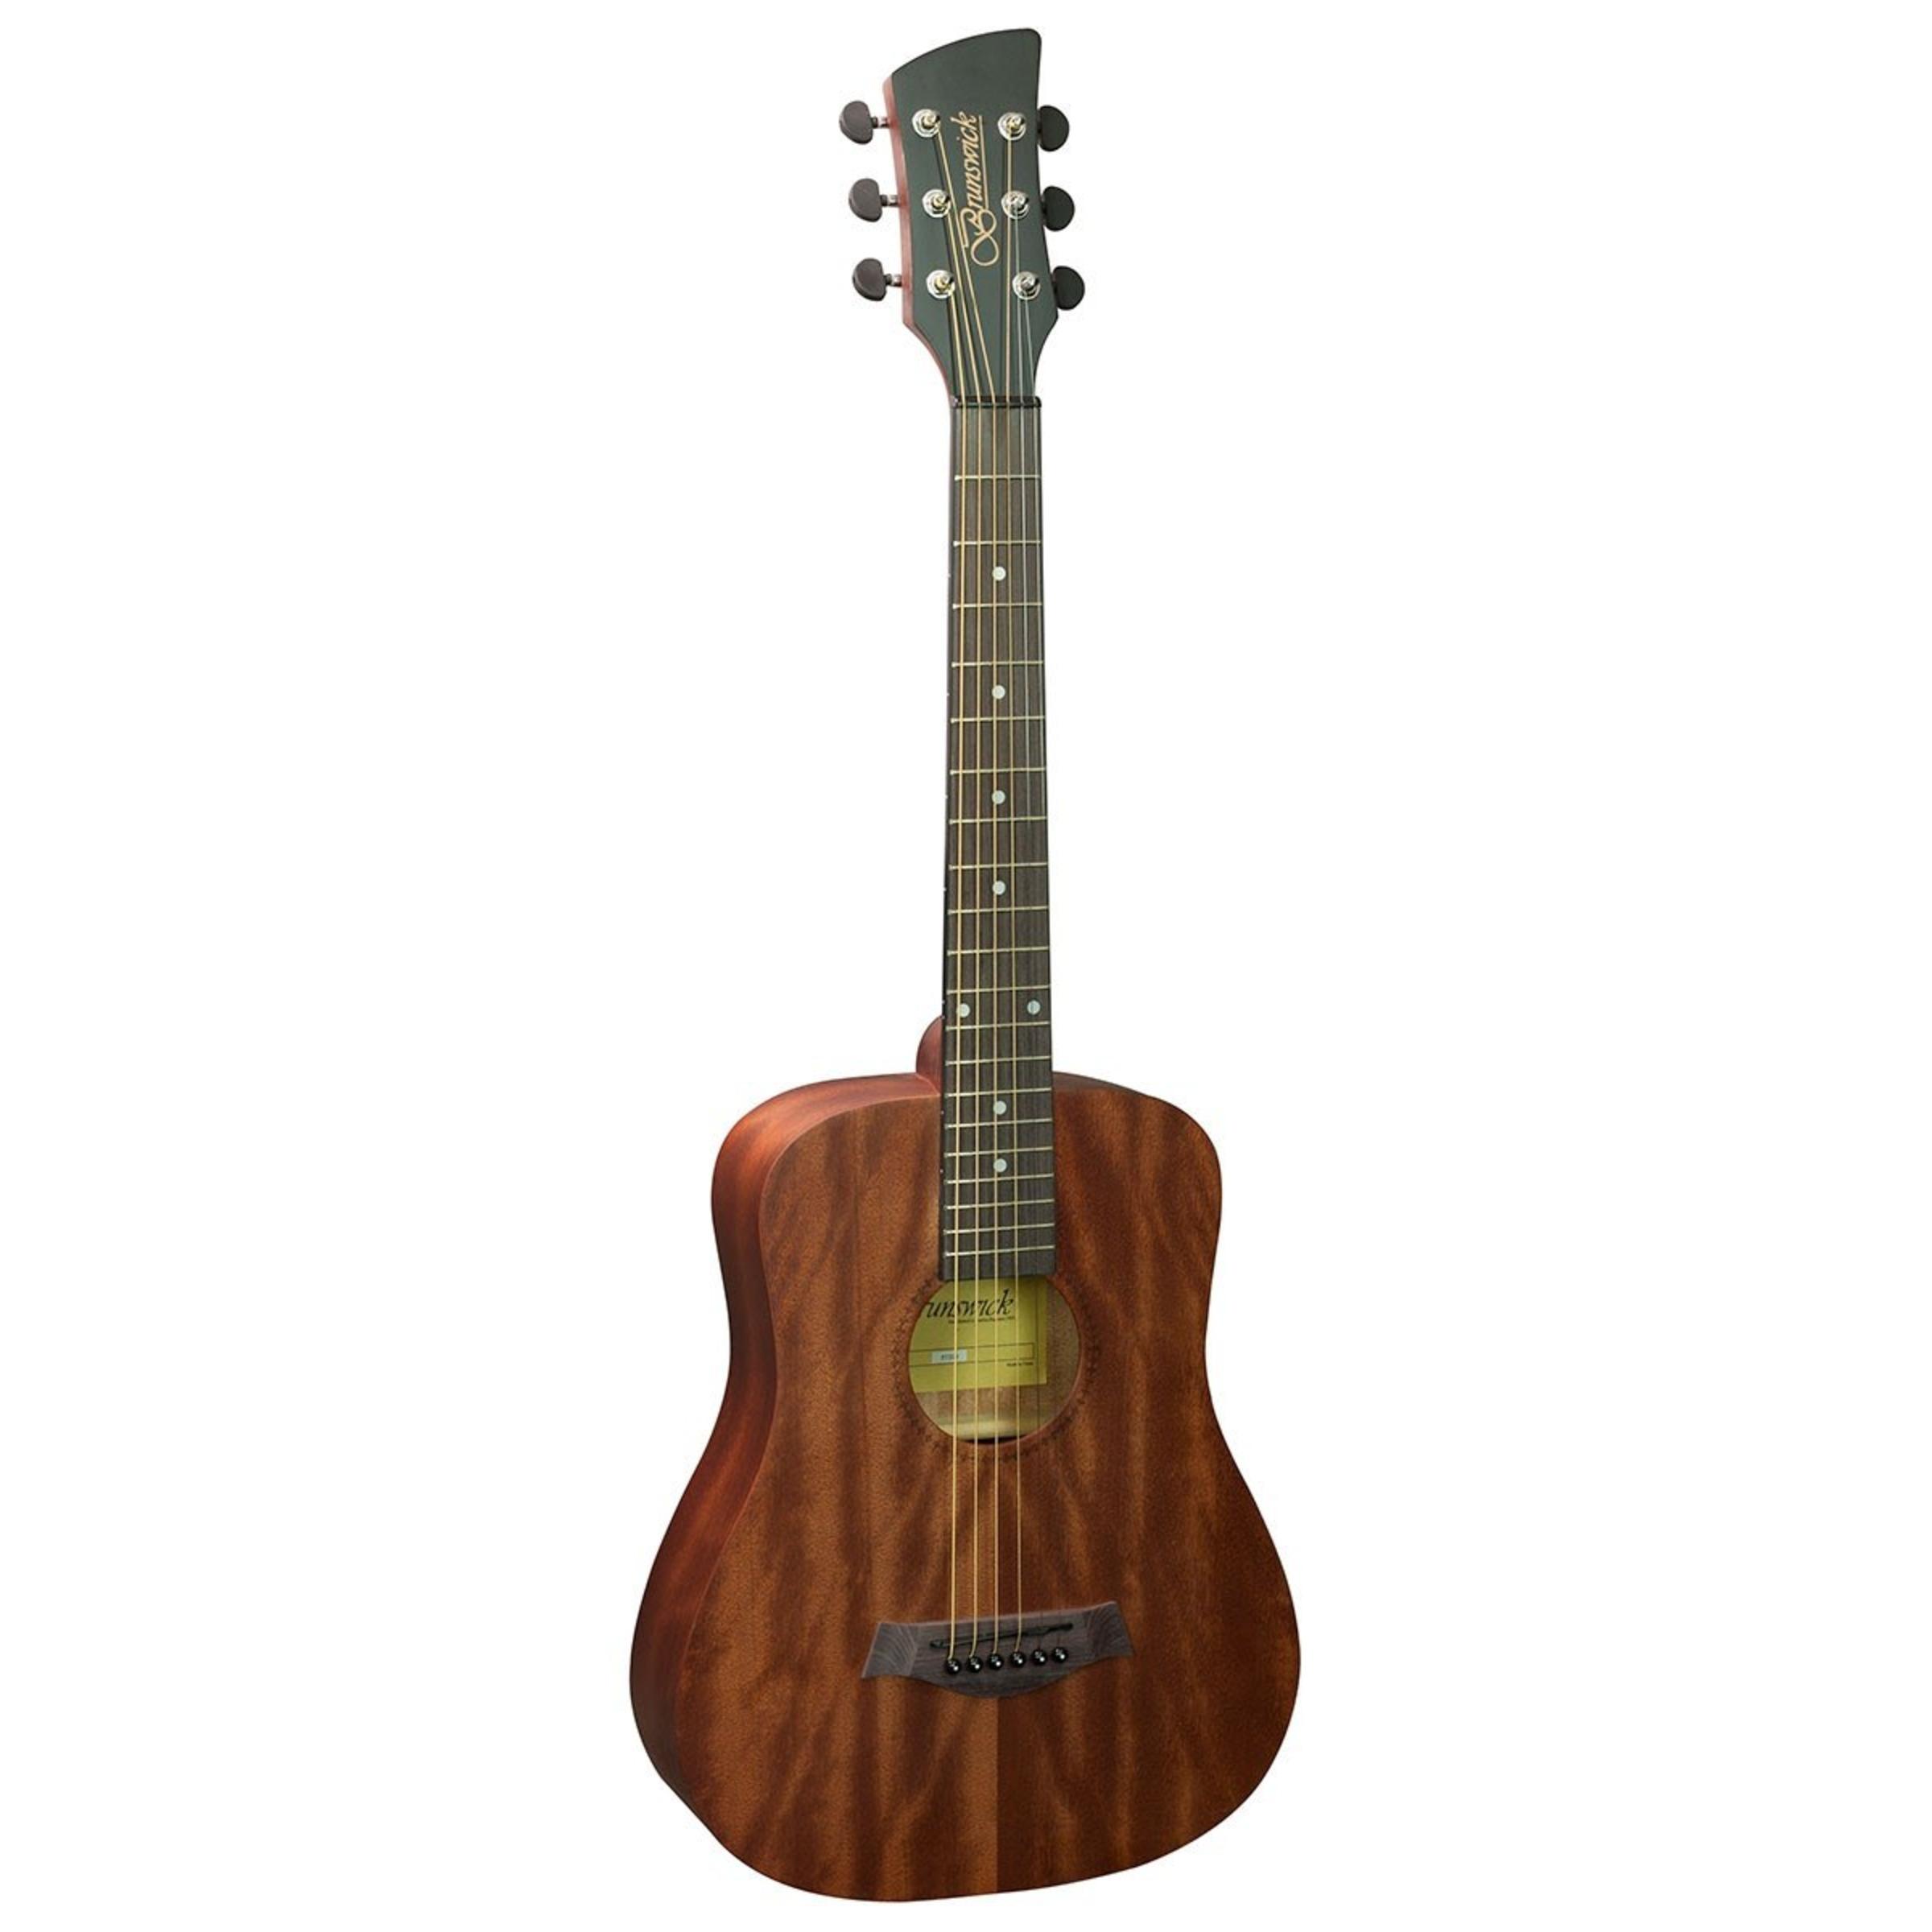 guitars brunswick bt200 3 4 travel acoustic guitar giggear. Black Bedroom Furniture Sets. Home Design Ideas